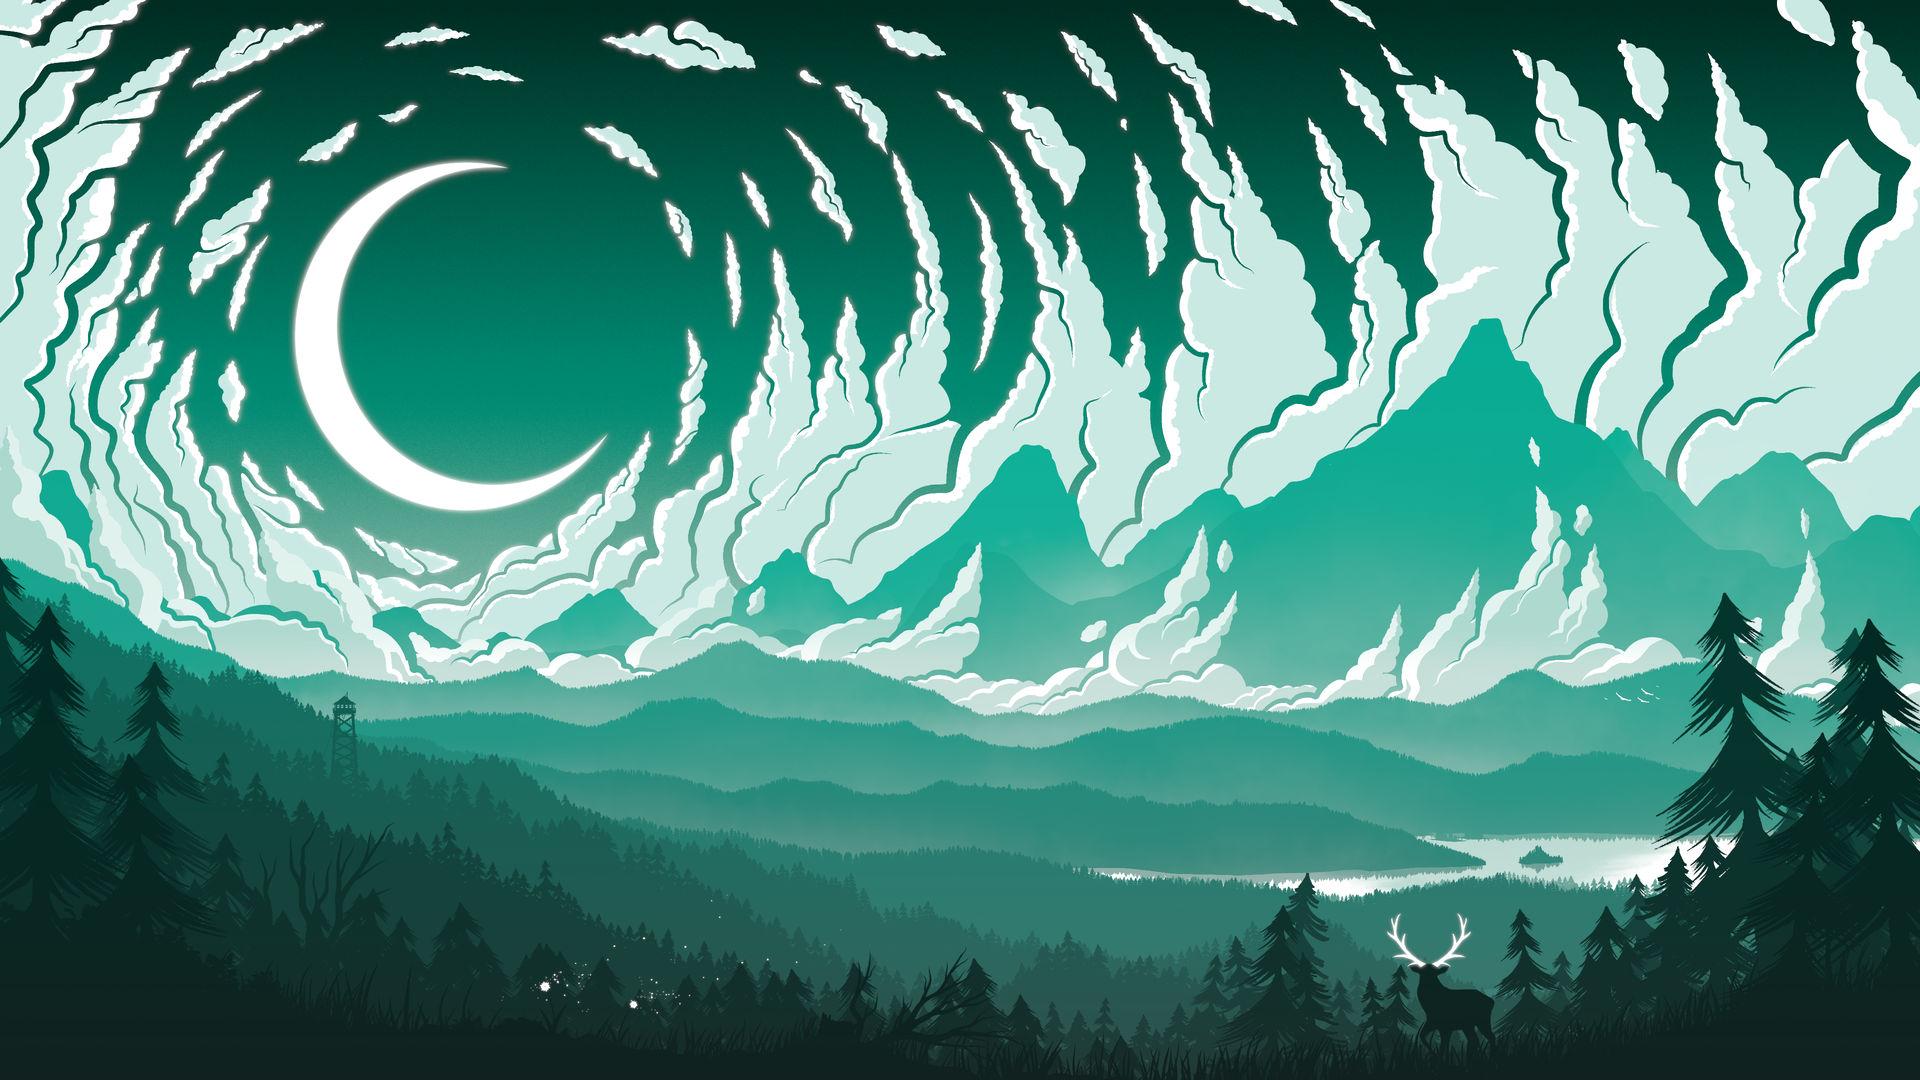 Deviant - art : une source d'inspiration pour nos univers ? - Page 3 Land_of_the_pinecones_by_sevenics_deczk5x-fullview.jpg?token=eyJ0eXAiOiJKV1QiLCJhbGciOiJIUzI1NiJ9.eyJzdWIiOiJ1cm46YXBwOjdlMGQxODg5ODIyNjQzNzNhNWYwZDQxNWVhMGQyNmUwIiwiaXNzIjoidXJuOmFwcDo3ZTBkMTg4OTgyMjY0MzczYTVmMGQ0MTVlYTBkMjZlMCIsIm9iaiI6W1t7ImhlaWdodCI6Ijw9MTA4MCIsInBhdGgiOiJcL2ZcLzVhYjk0OWQ5LWQzNjUtNDlkMy05NTQ3LTg4NDU5M2UwYTM5ZVwvZGVjems1eC03ODhiMjgzMS0xNmRjLTRiZmItOTdiZC1iNDM4YjRjMGYyYjUucG5nIiwid2lkdGgiOiI8PTE5MjAifV1dLCJhdWQiOlsidXJuOnNlcnZpY2U6aW1hZ2Uub3BlcmF0aW9ucyJdfQ